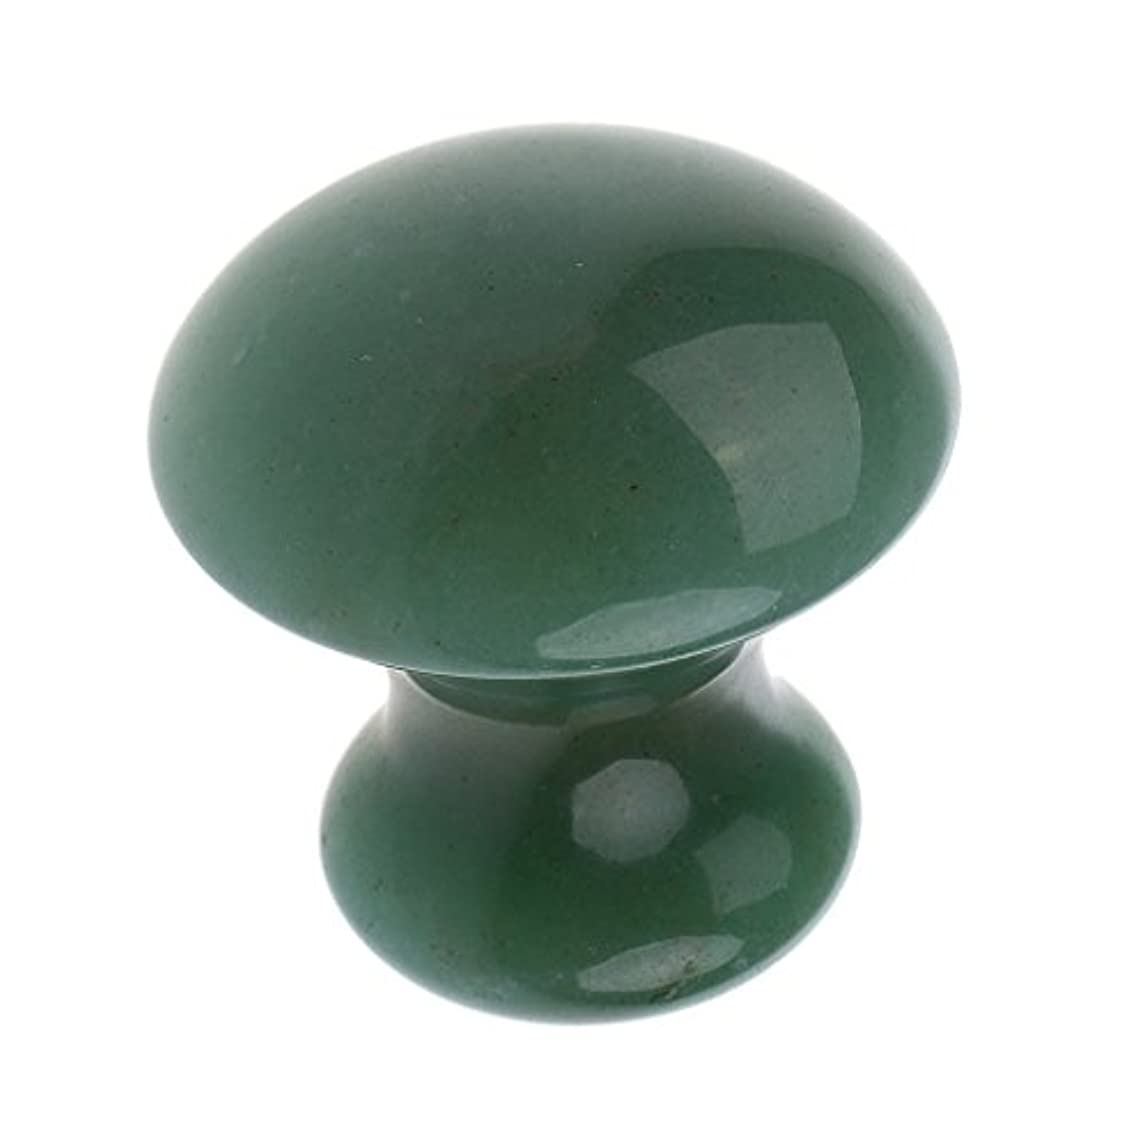 一人で不規則性エトナ山Baoblaze マッサージストーン マッシュルーム スパ SPA ストーン スキンケア リラックス 2色選べる - 緑